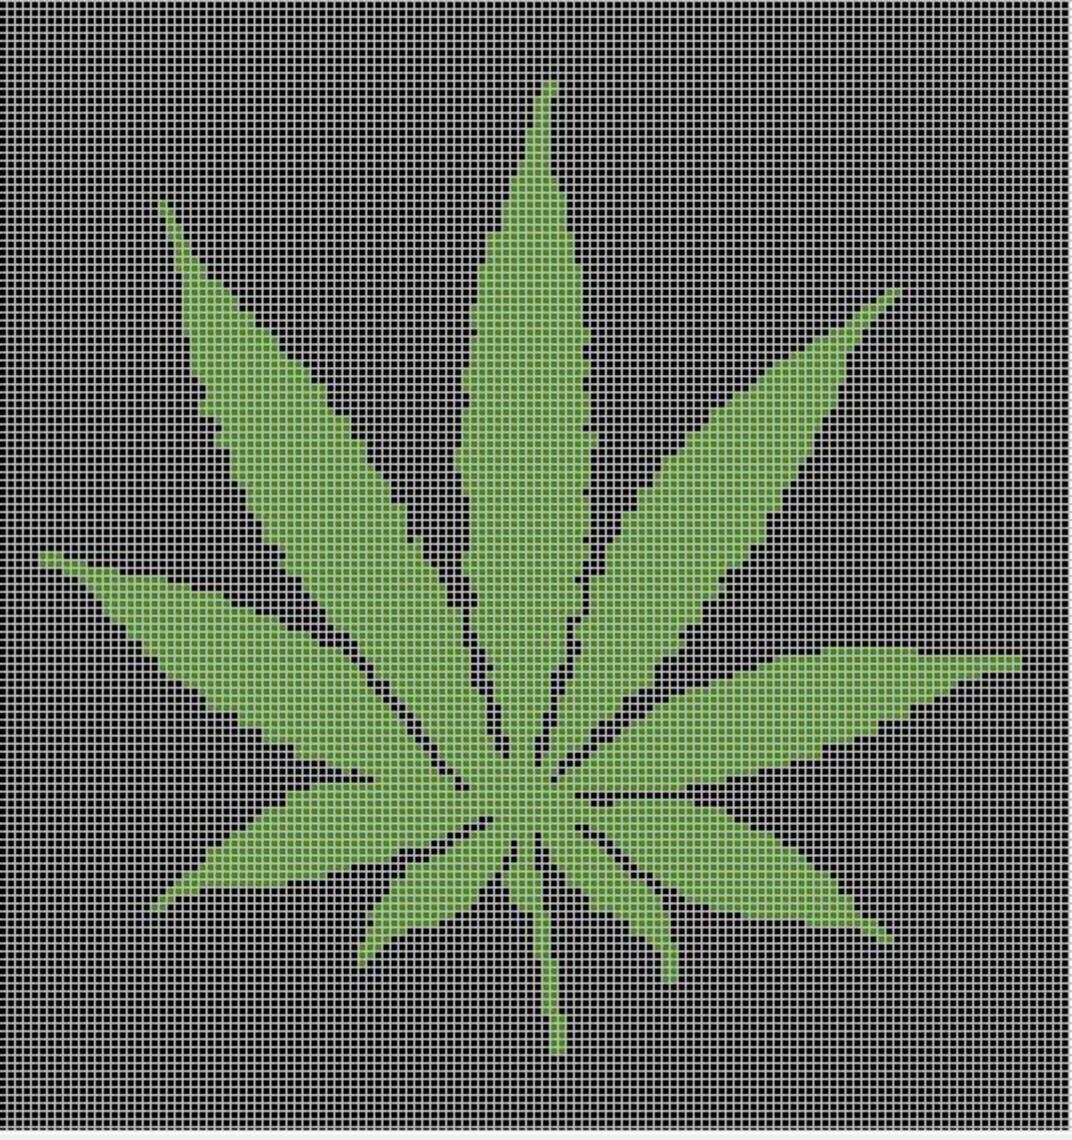 Схема для вышивки марихуана всд от марихуаны